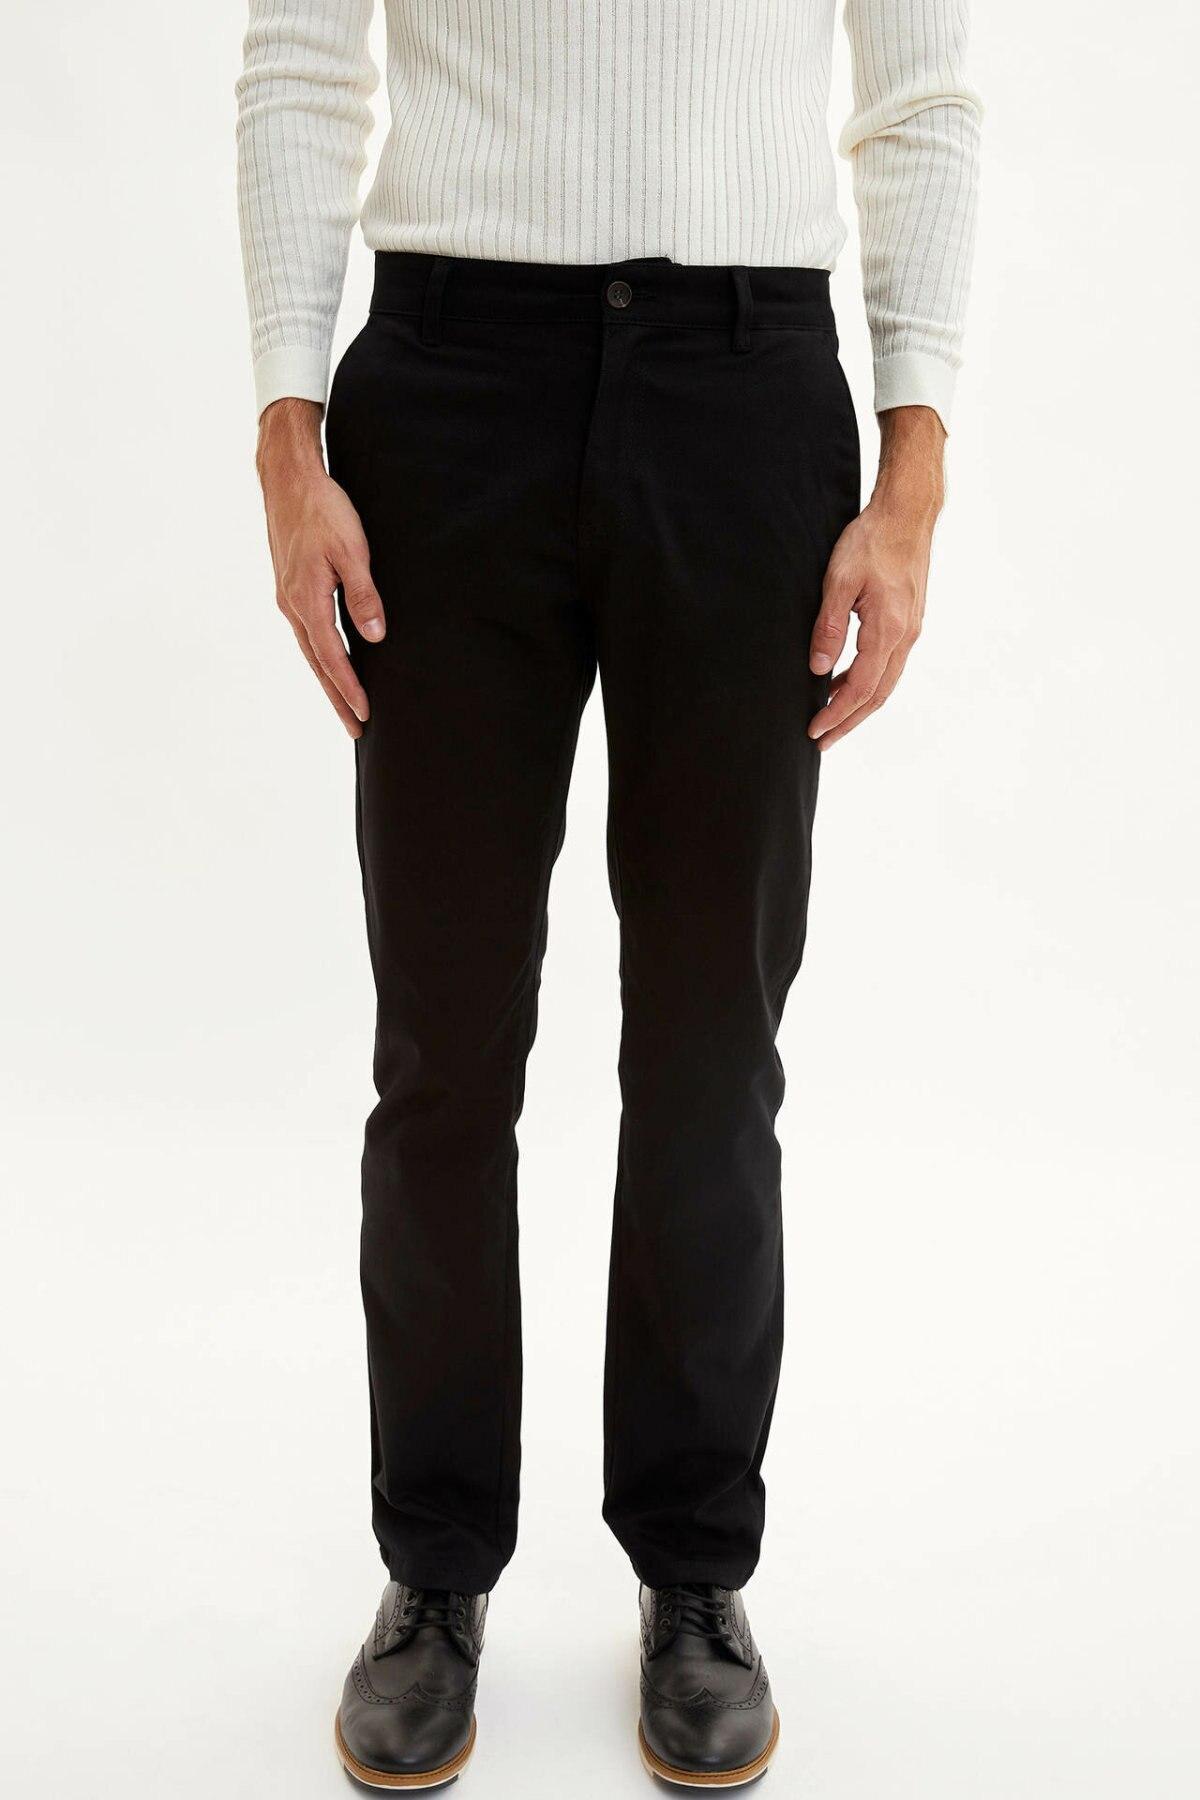 DeFacto Men's Solid Color Casual Trousers Male Classic Style Stright Pant High Quality Loose Fashion Pants Men - L2489AZ19AU